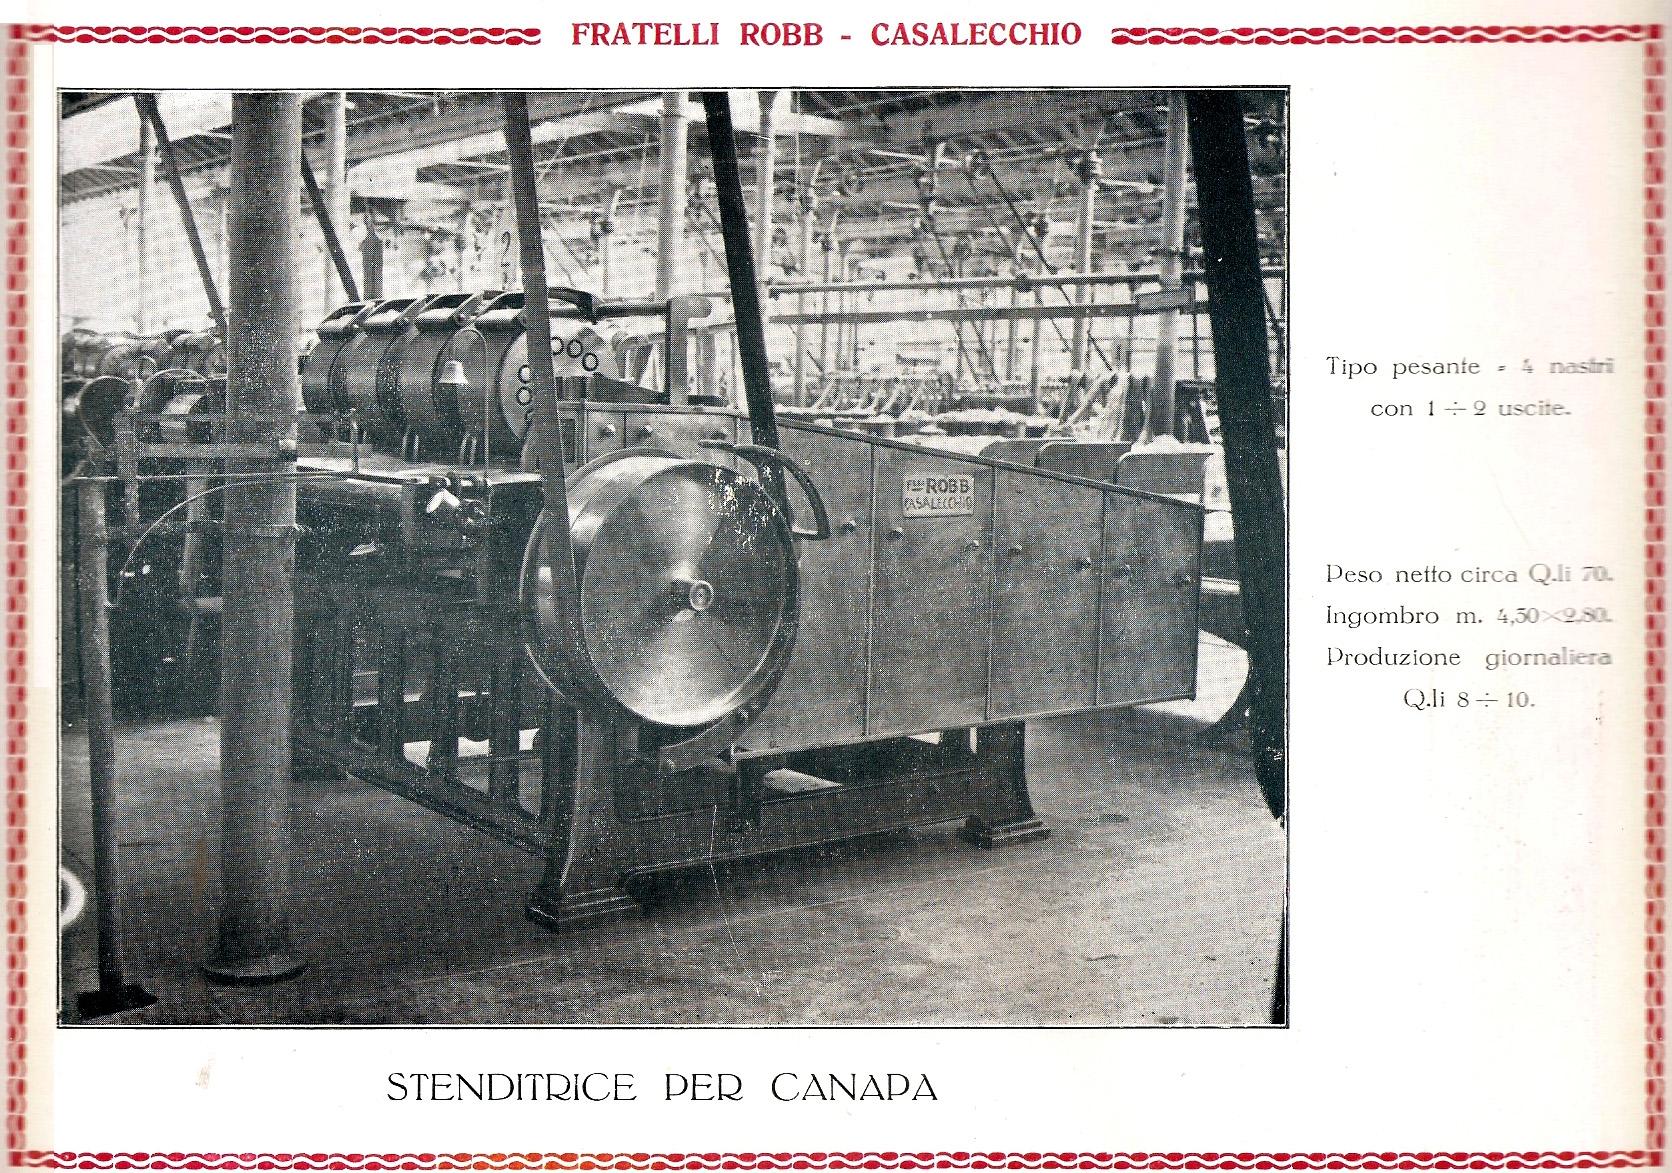 Macchina per la lavorazione della canapa, da elegante catalogo della fabbrica Robb  degli anni '20